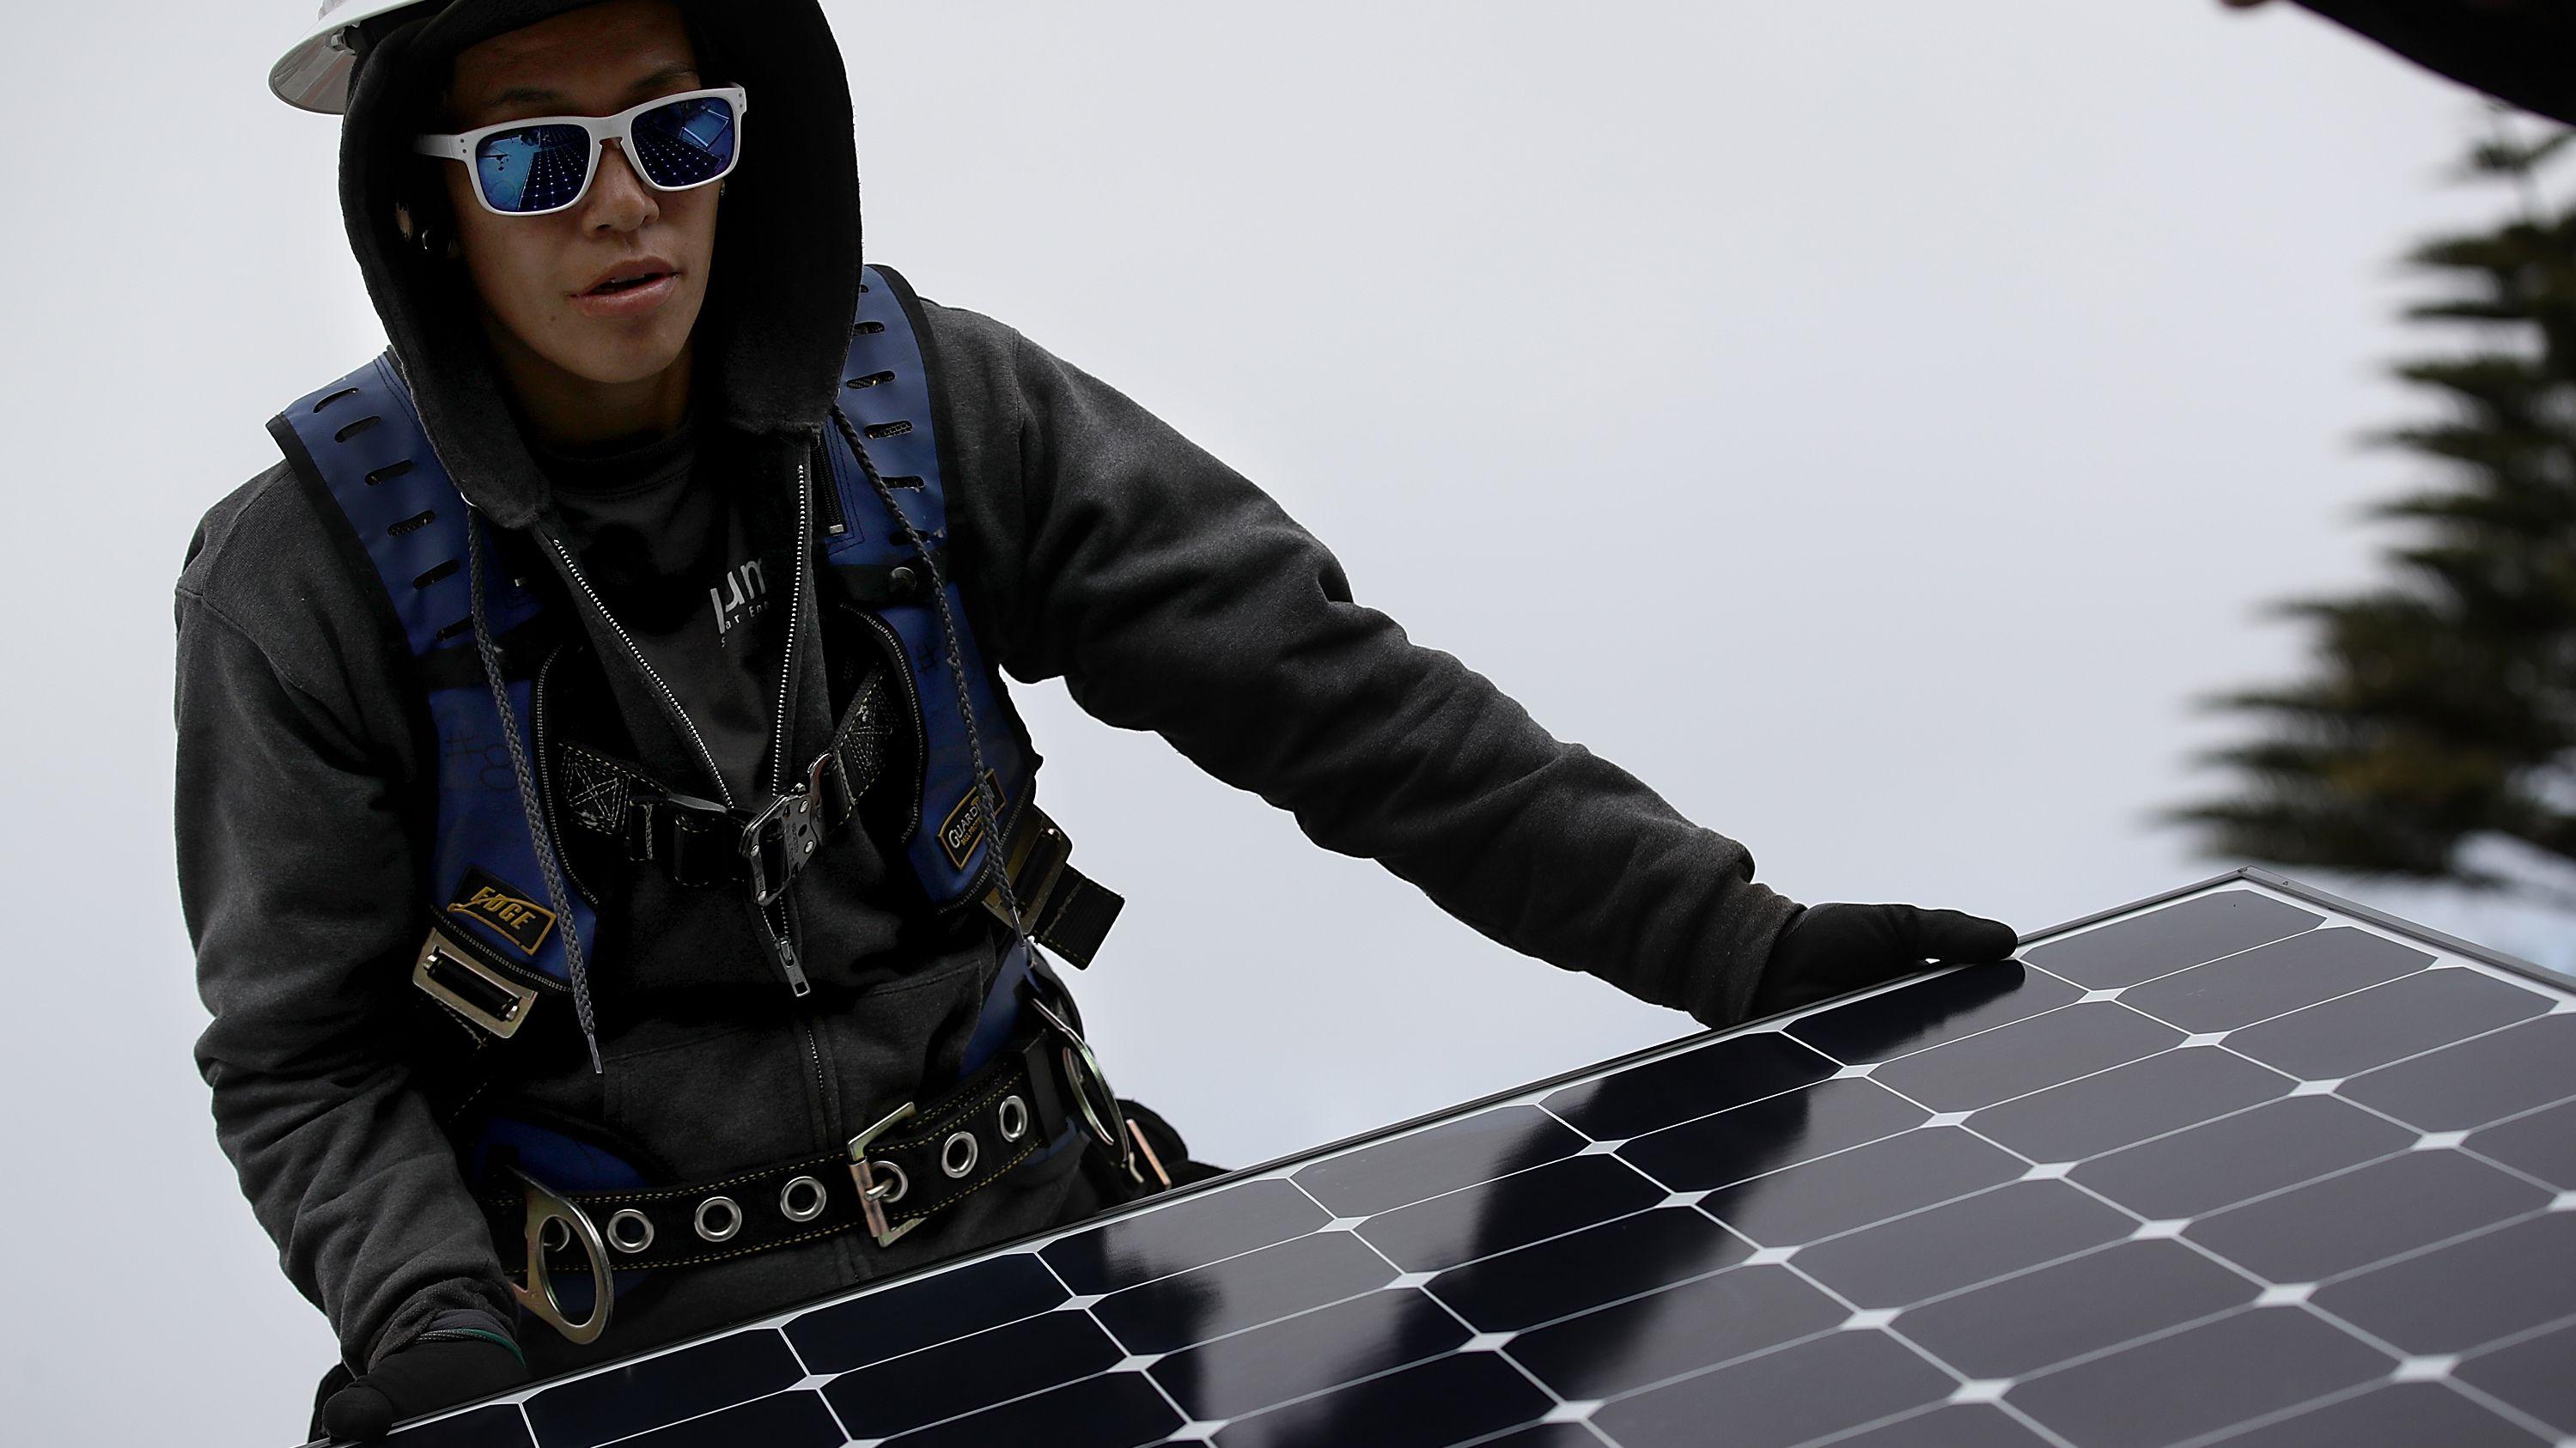 高すぎるコスト、カリフォルニア州の太陽光パネル義務付けに疑問